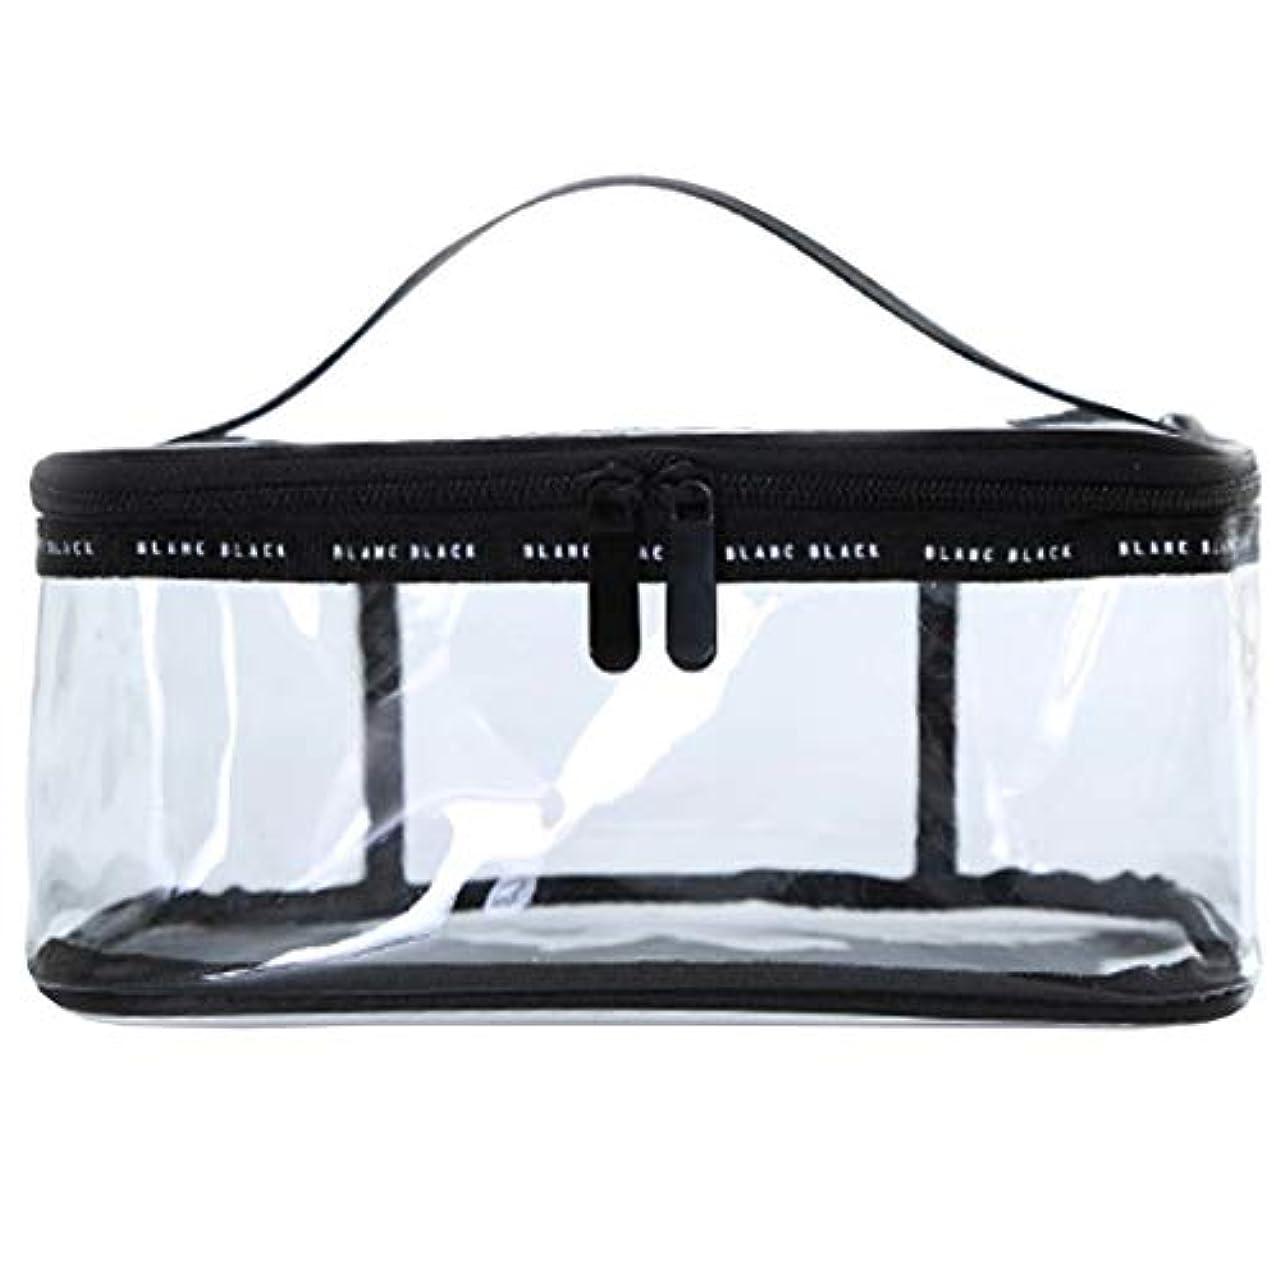 蒸発する大使思想化粧ポーチ クリアポーチ 透明ポーチ クリアボックス ビニールポーチ PVC 化粧品収納 小物入れ 防水 (M)